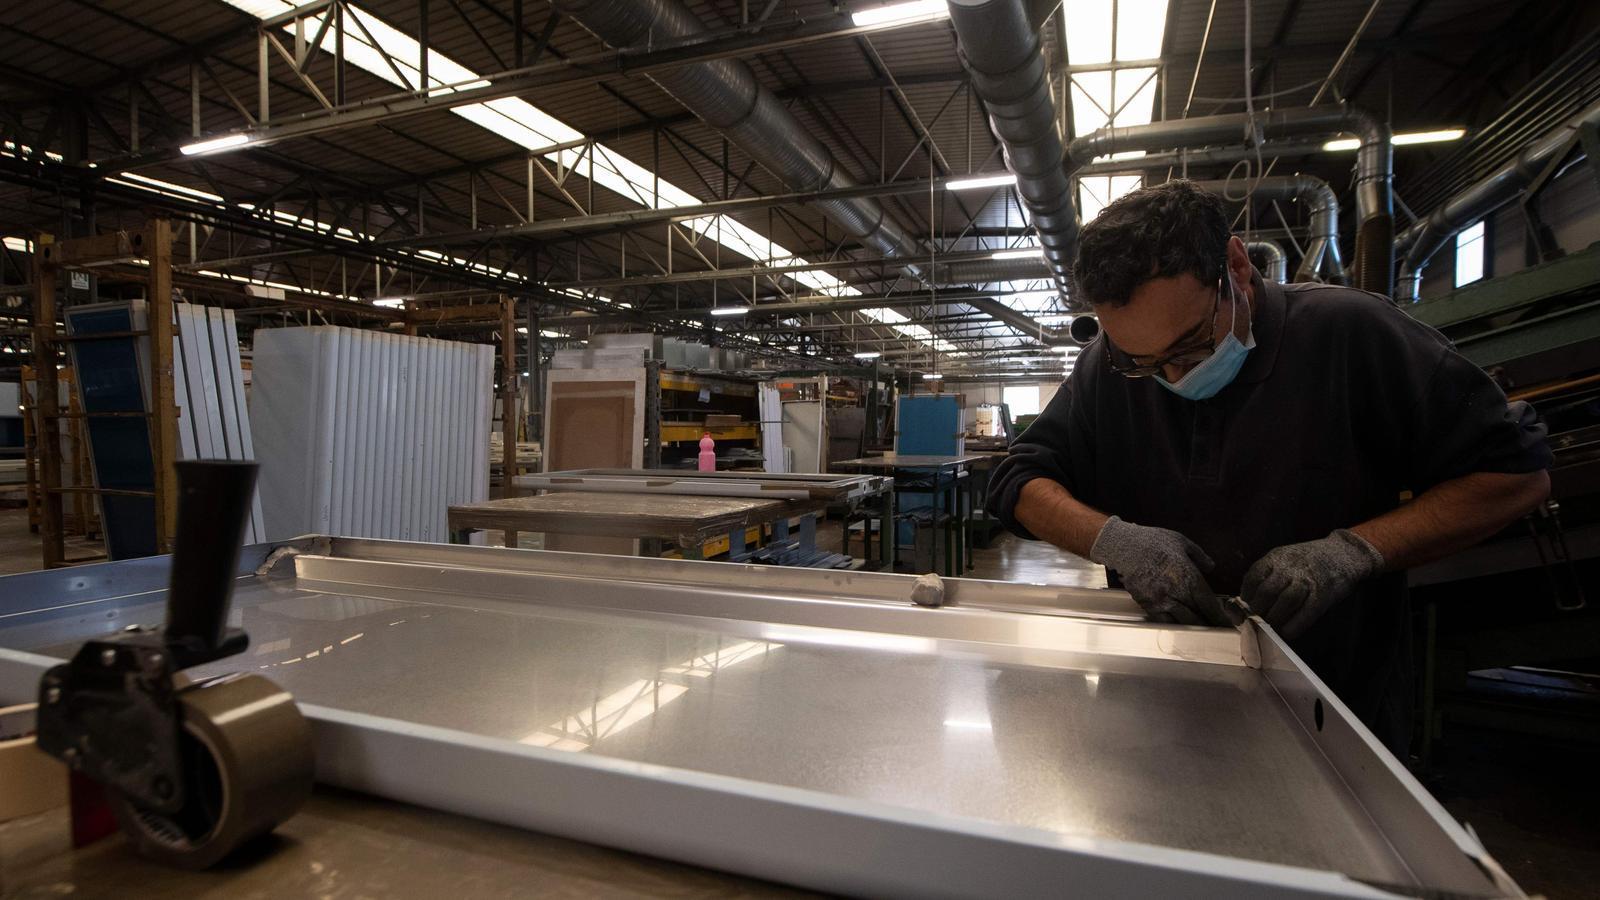 Un empleat de l'empresa Desmon SPA, a la factoria de Nusco, a 90 quilòmetres a l'est de Nàpols, treballa en la fabricació dels frigorífics especials en què es transportarà la vacuna de Pfizer des de les plantes de Bèlgica i Alemanya a tota Europa